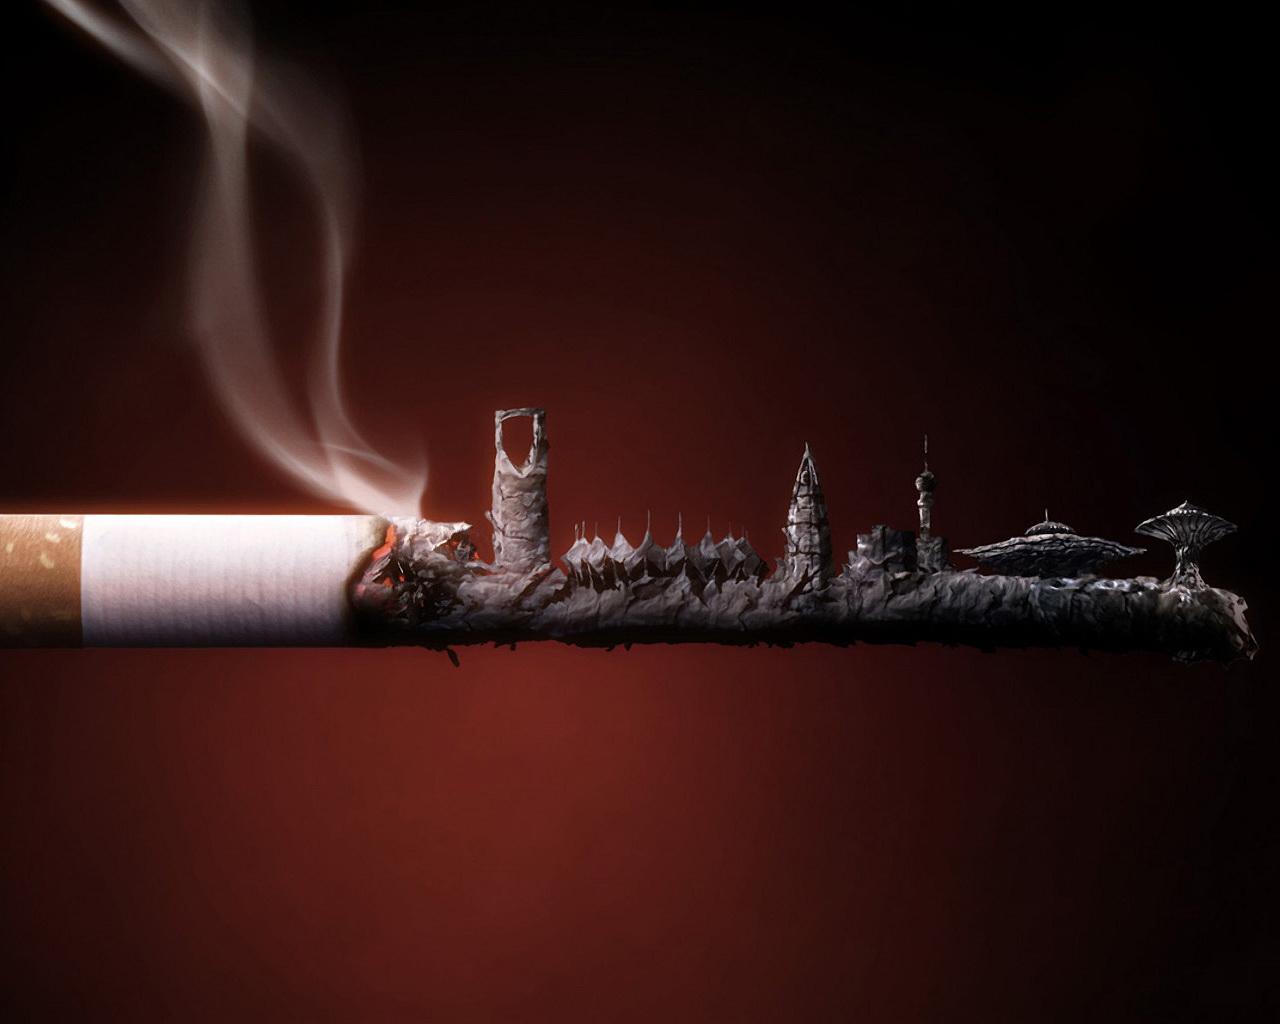 1280x1024px Smoking Weed Wallpapers Hd Wallpapersafari